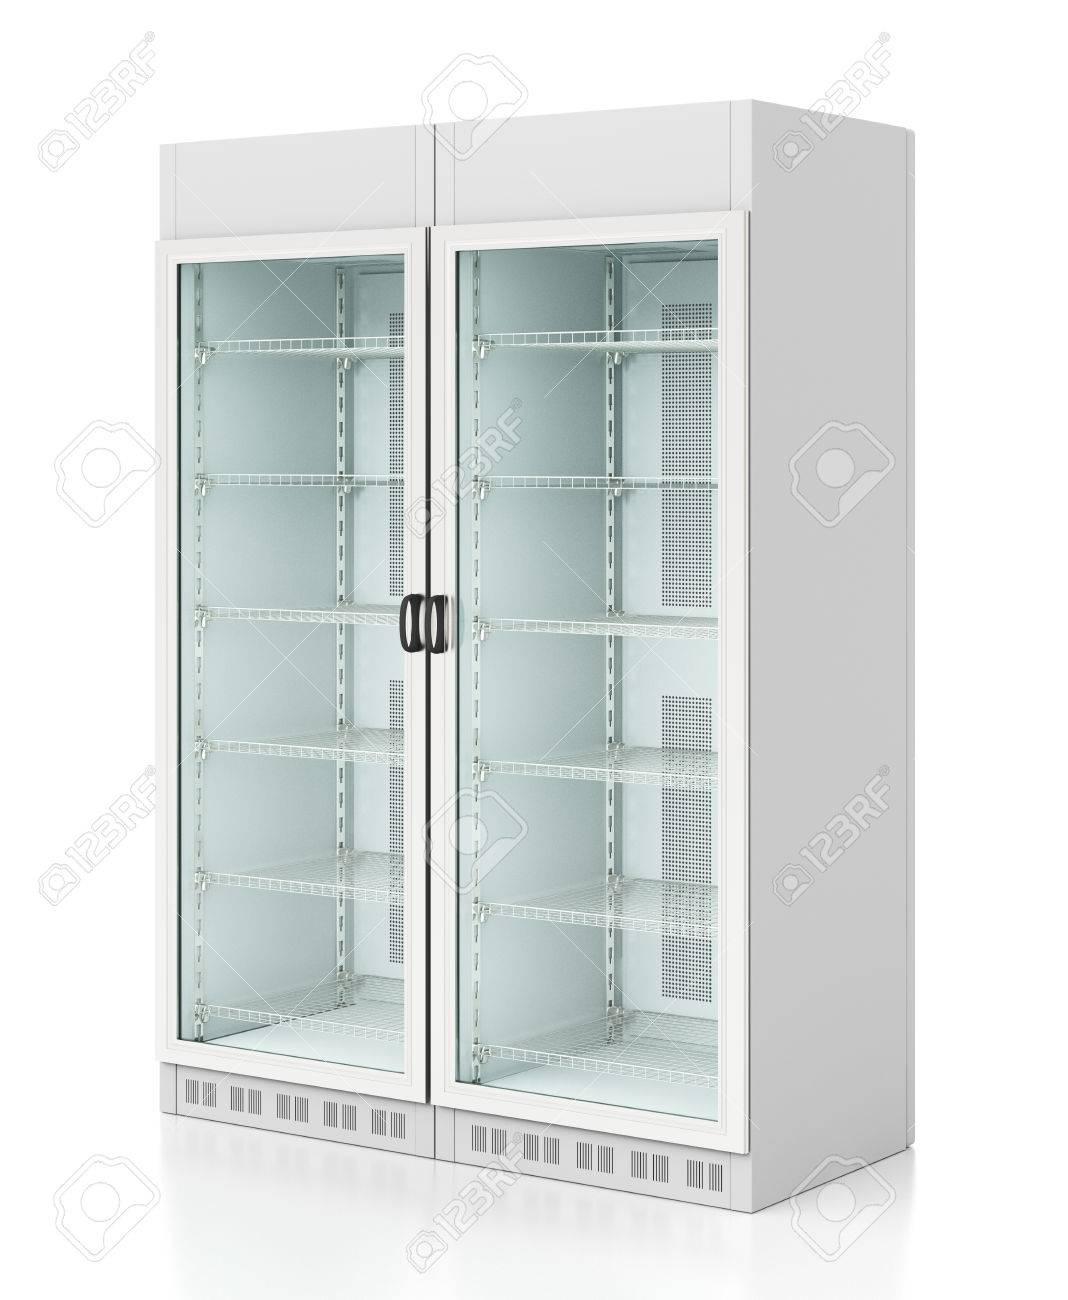 Leeres Glas Mit Zwei Türen Kühlschrank. Getrennt Auf Weißem ...